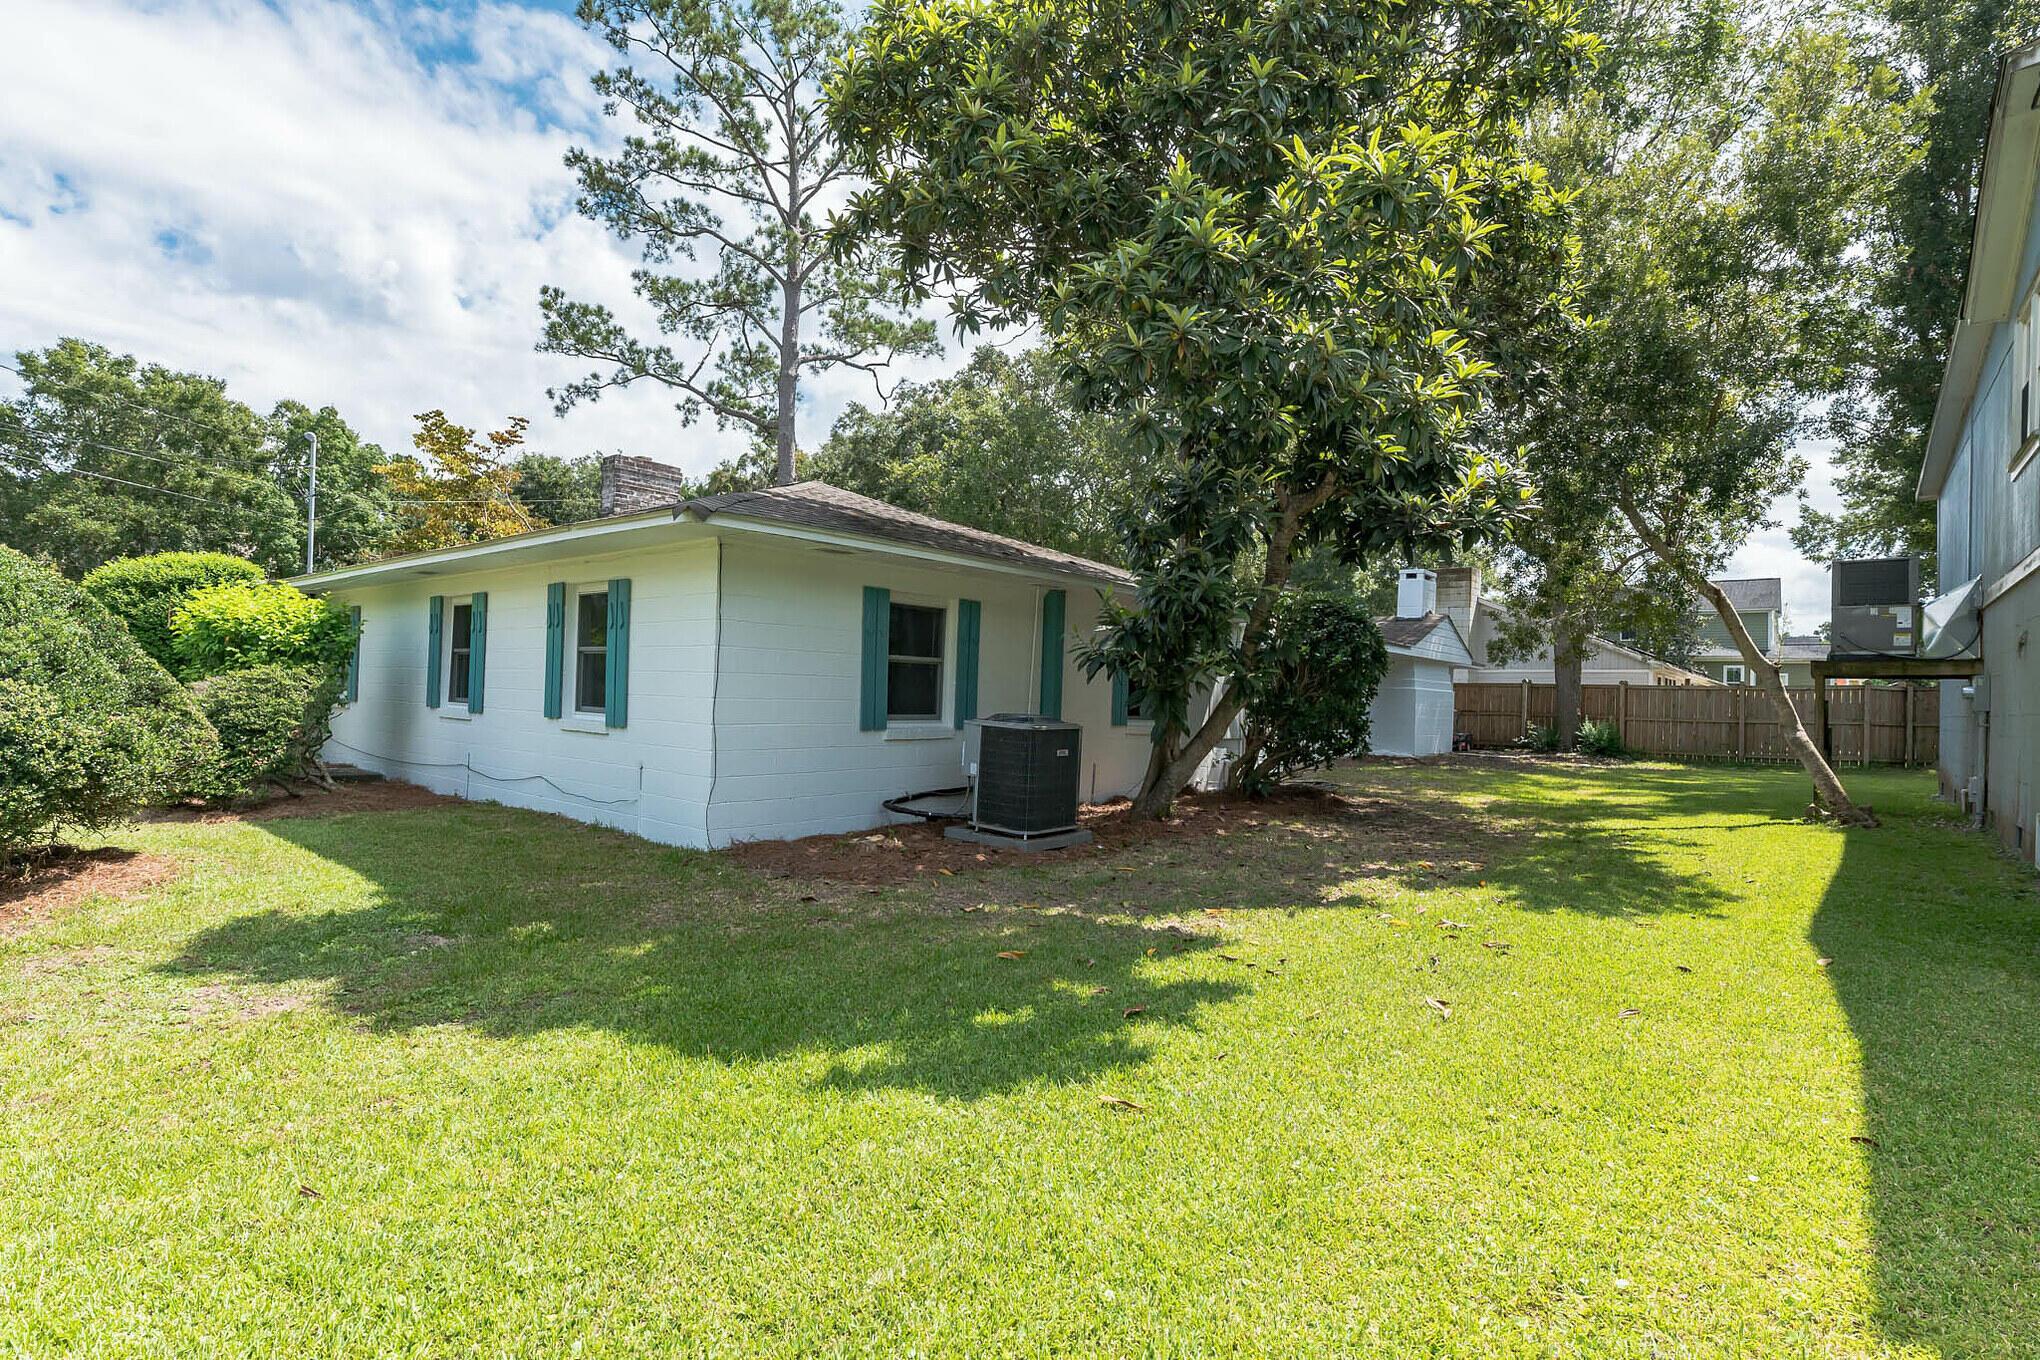 Camp Road Estates Homes For Sale - 825 Hale, Charleston, SC - 0